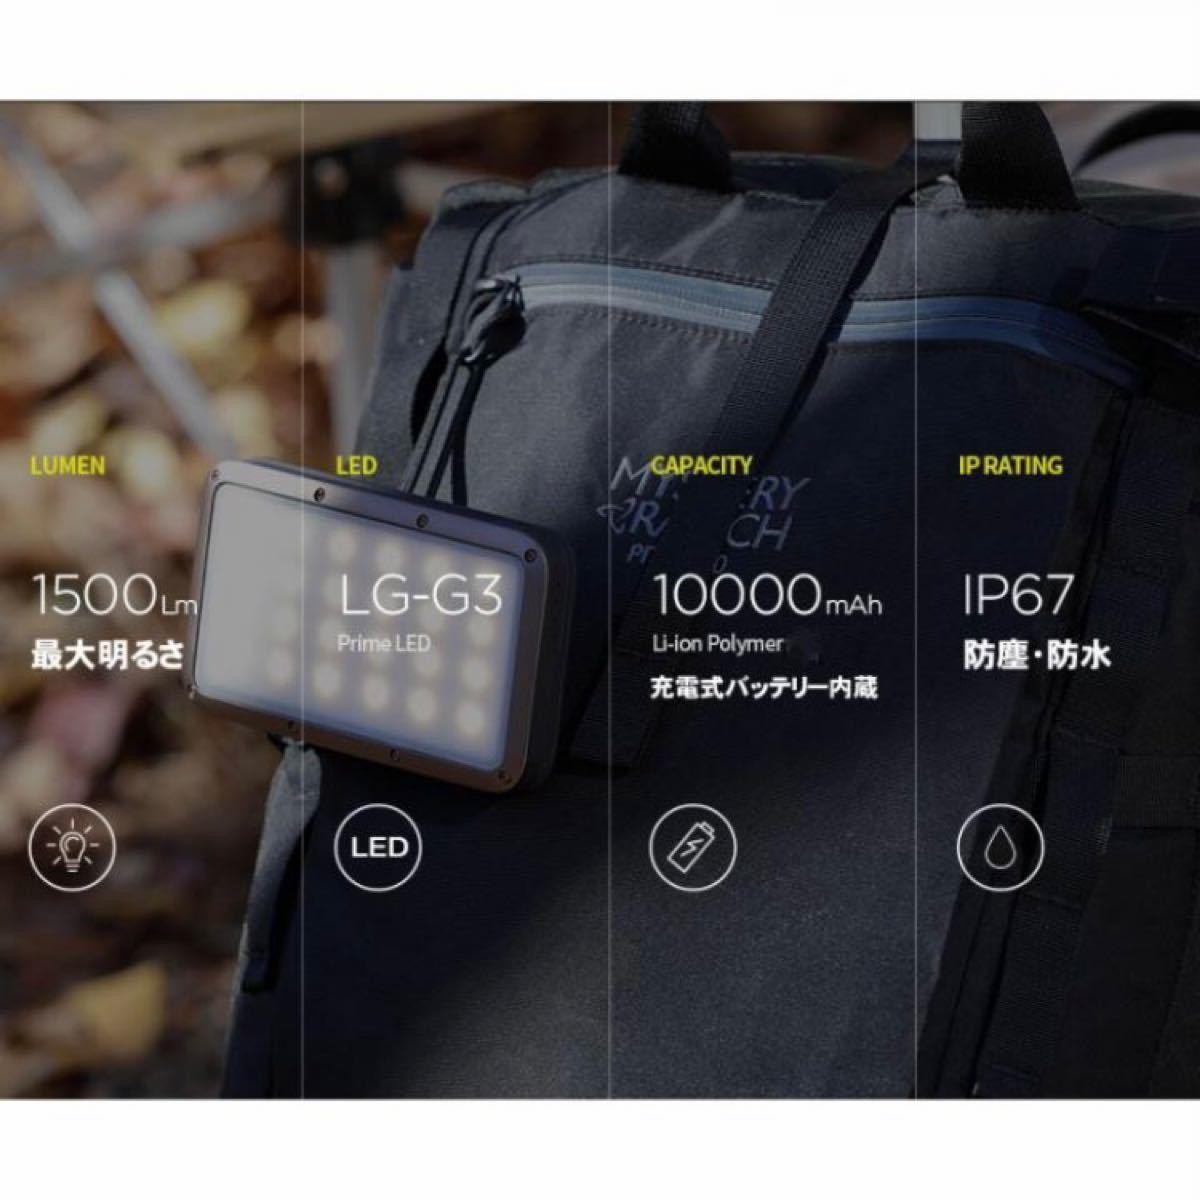 ルーメナー2 LUMENA2 LEDランタン 防塵・防水 IP67 キャンプ アウトドア モバイルバッテリー機能付き